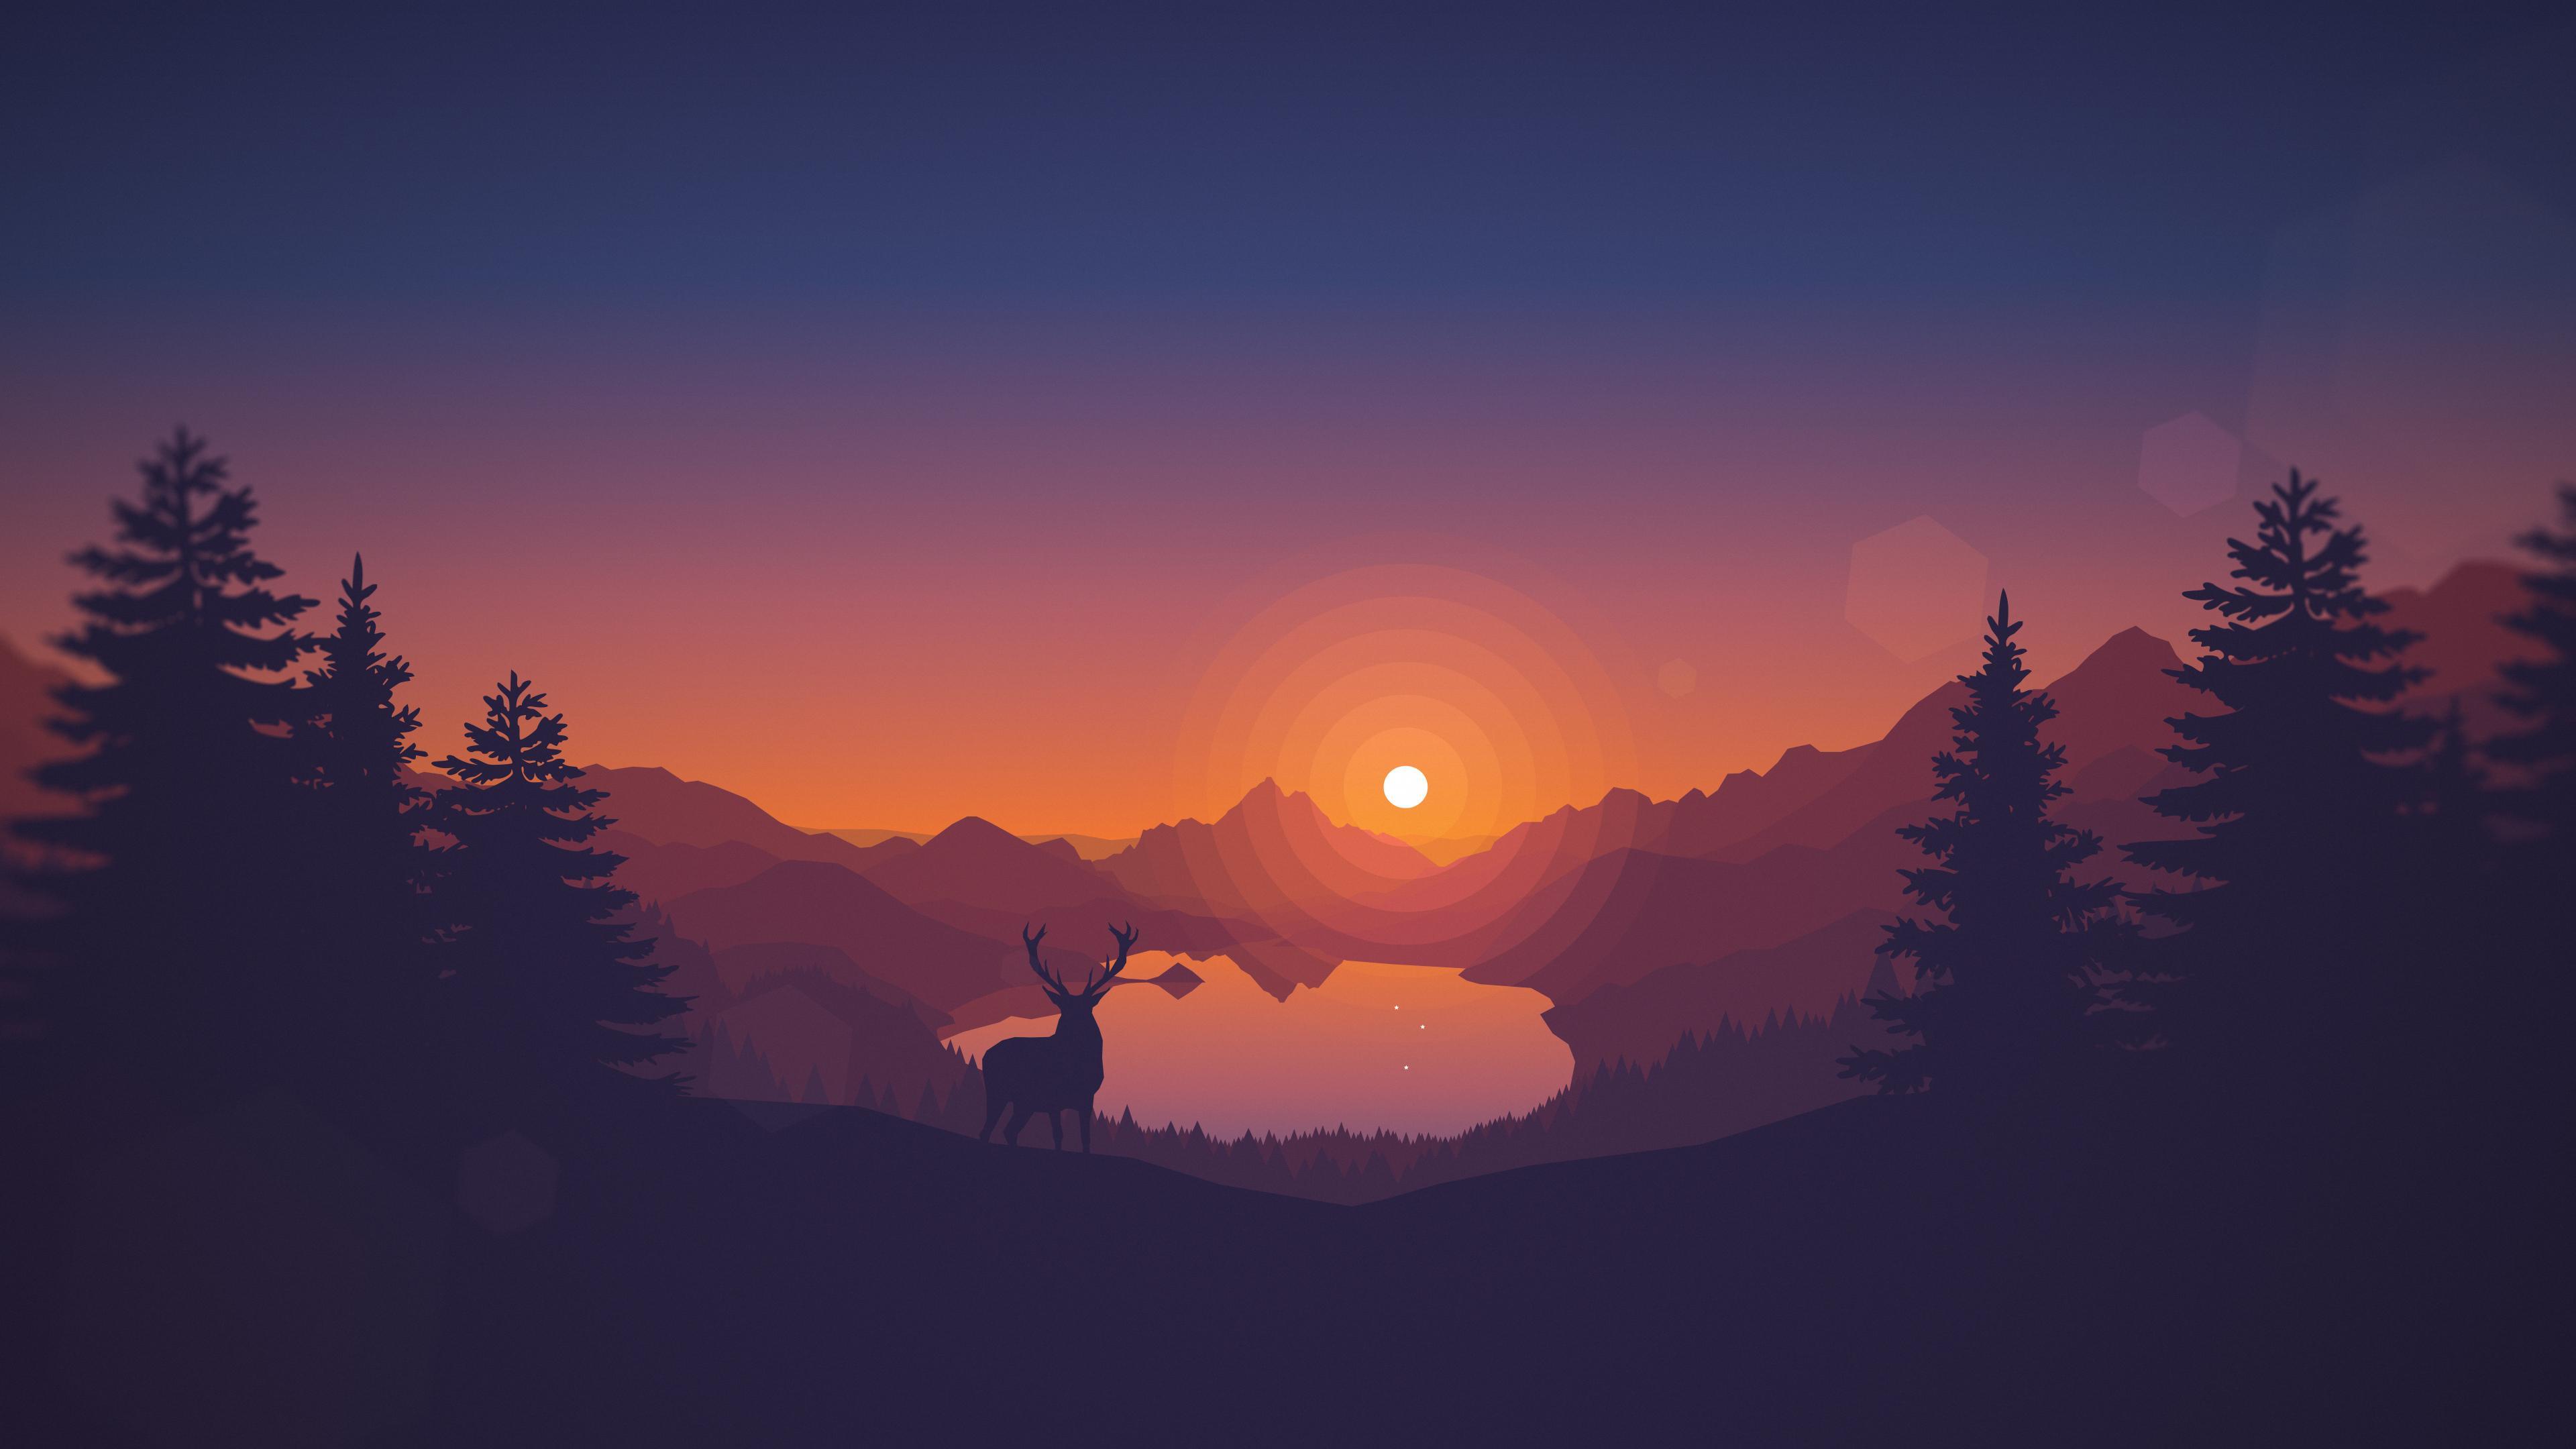 Lakeside Sunset 4k Wallpaper